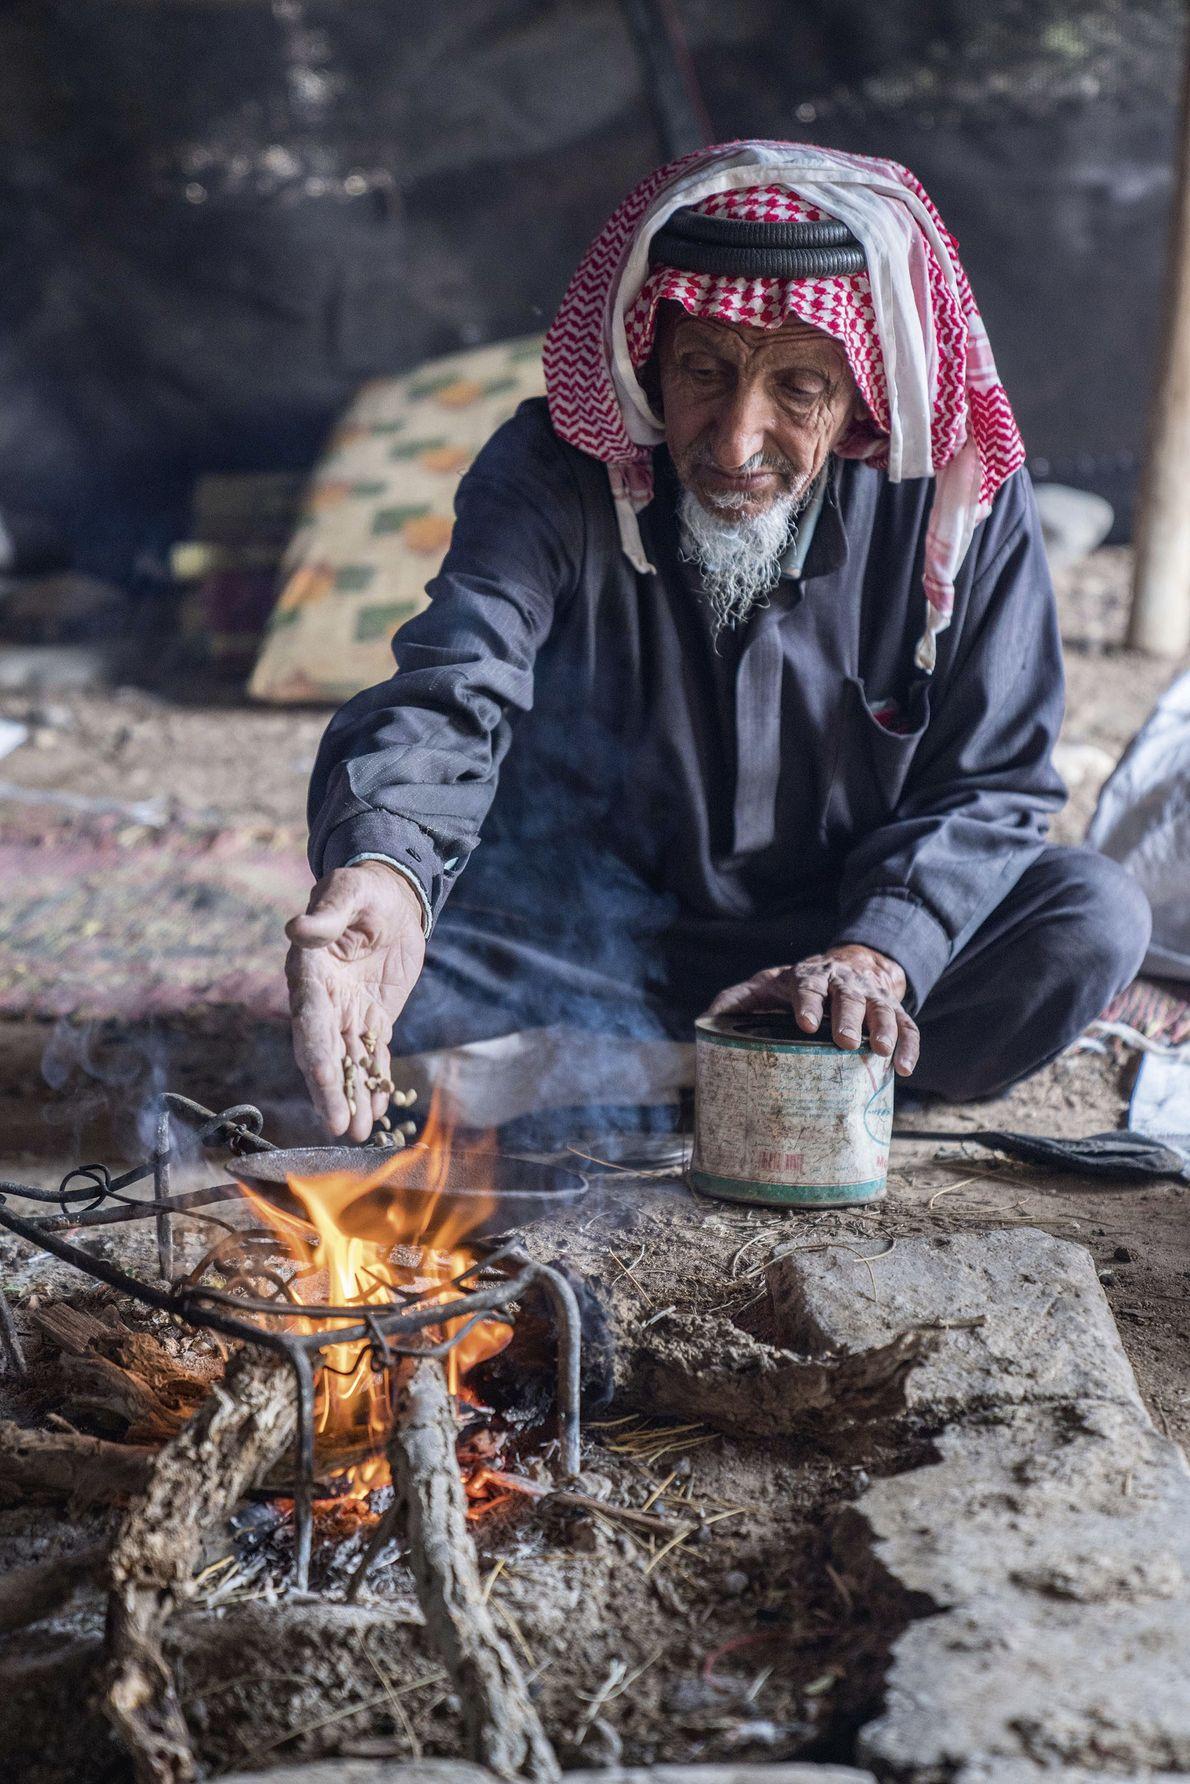 Bedouin hospitality.